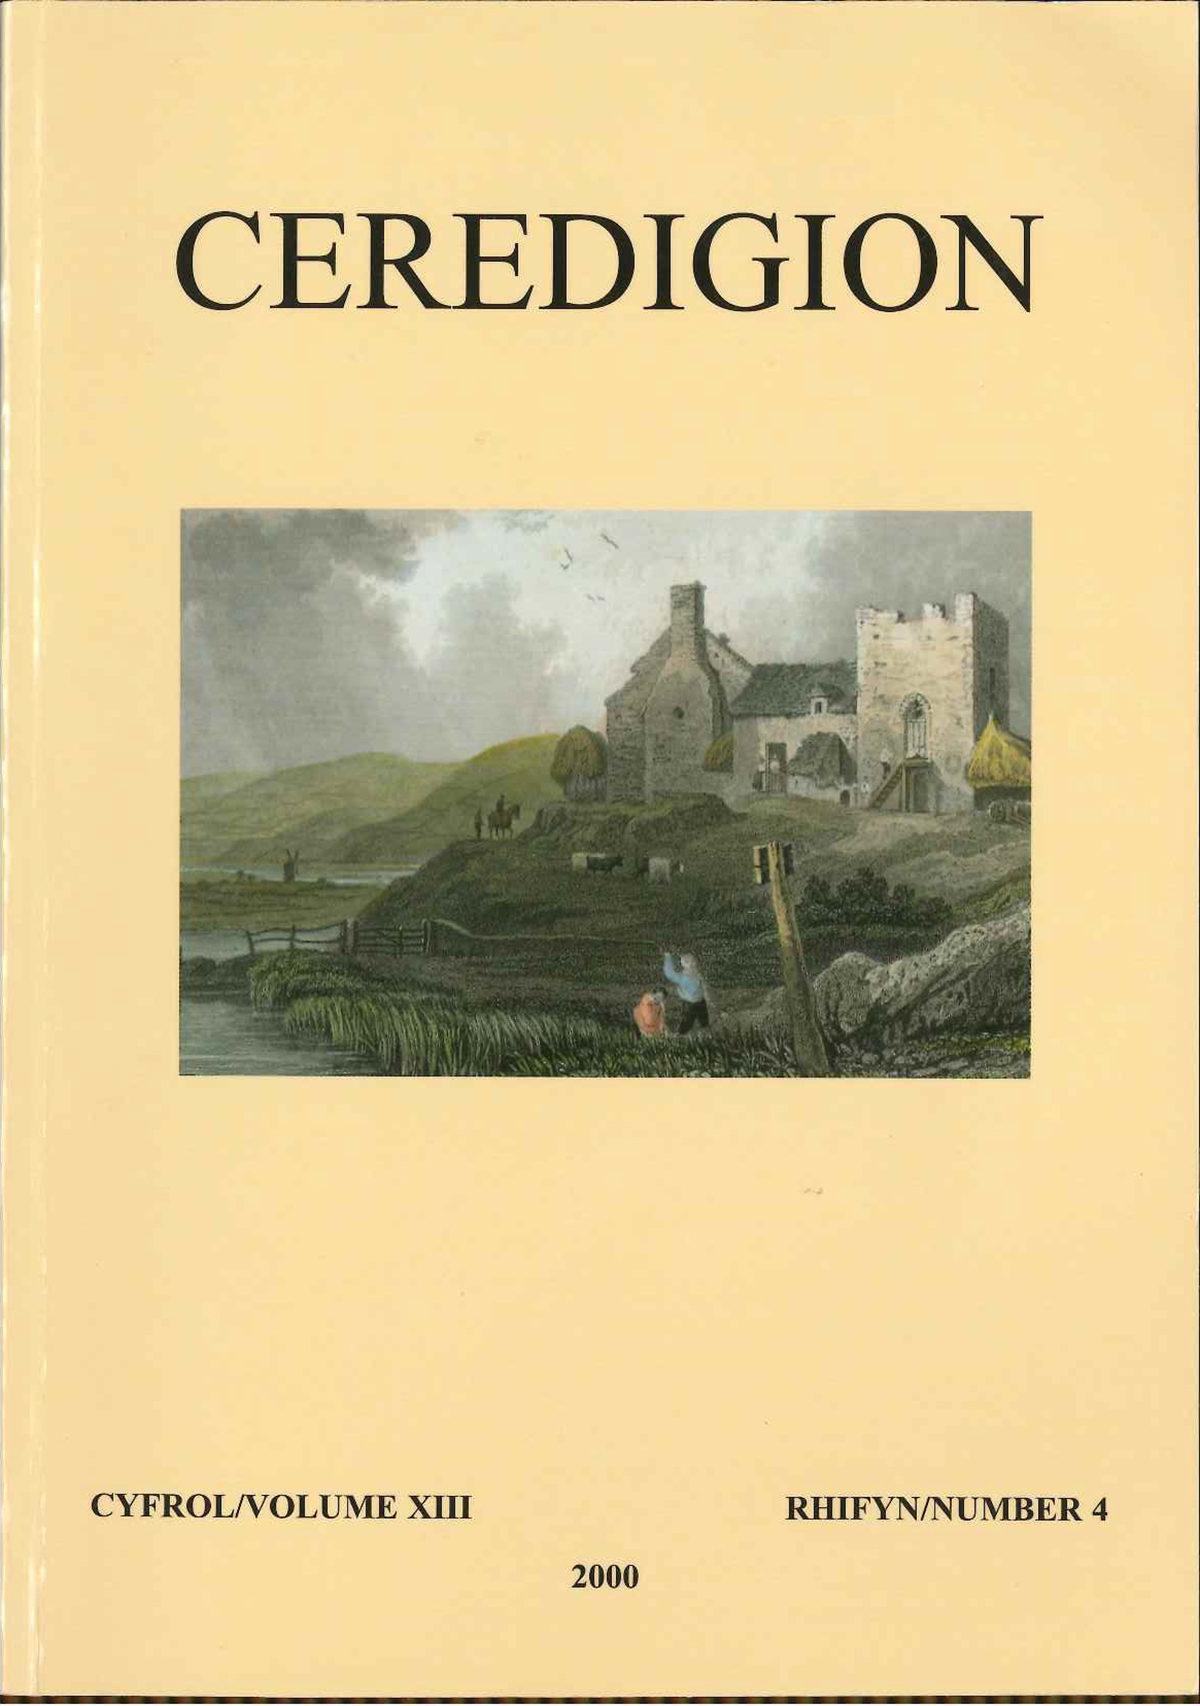 Ceredigion - Cylchgrawn Cymdeithas Hynafiaethwyr Ceredigion, Cyfrol XIII, Rhifyn 4, 2000 - ISBN 0069 2263